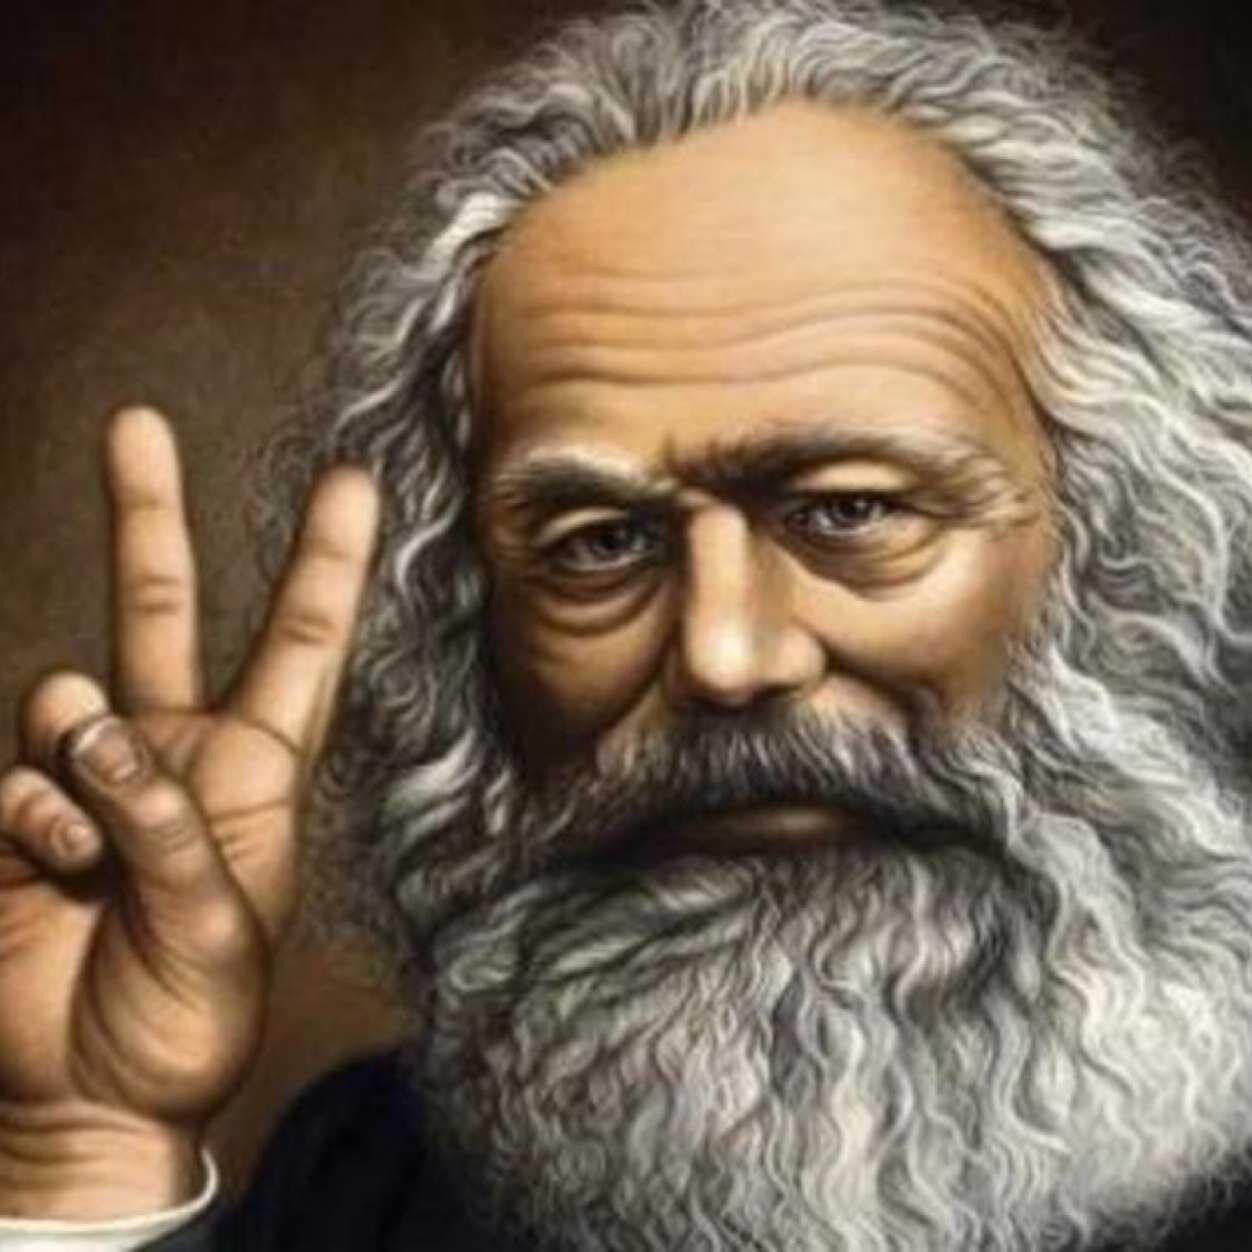 """CORECTITUDINEA POLITICA – NOUA RELIGIE pentru CONSTRUIREA TOTALITARA A """"OMULUI NOU"""" prin aplicarea programului """"REVOLUTIEI CULTURALE"""" pana la ultimele consecinte. Fundamentele marxist-freudiene si evolutiile noii ordini ideologice, de la DECONSTRUCTIA VALORILOR si LICHIDAREA ORDINII TRADITIONALE pana la CONTROLUL SOCIAL AL GANDIRII prin NOUL LIMBAJ"""